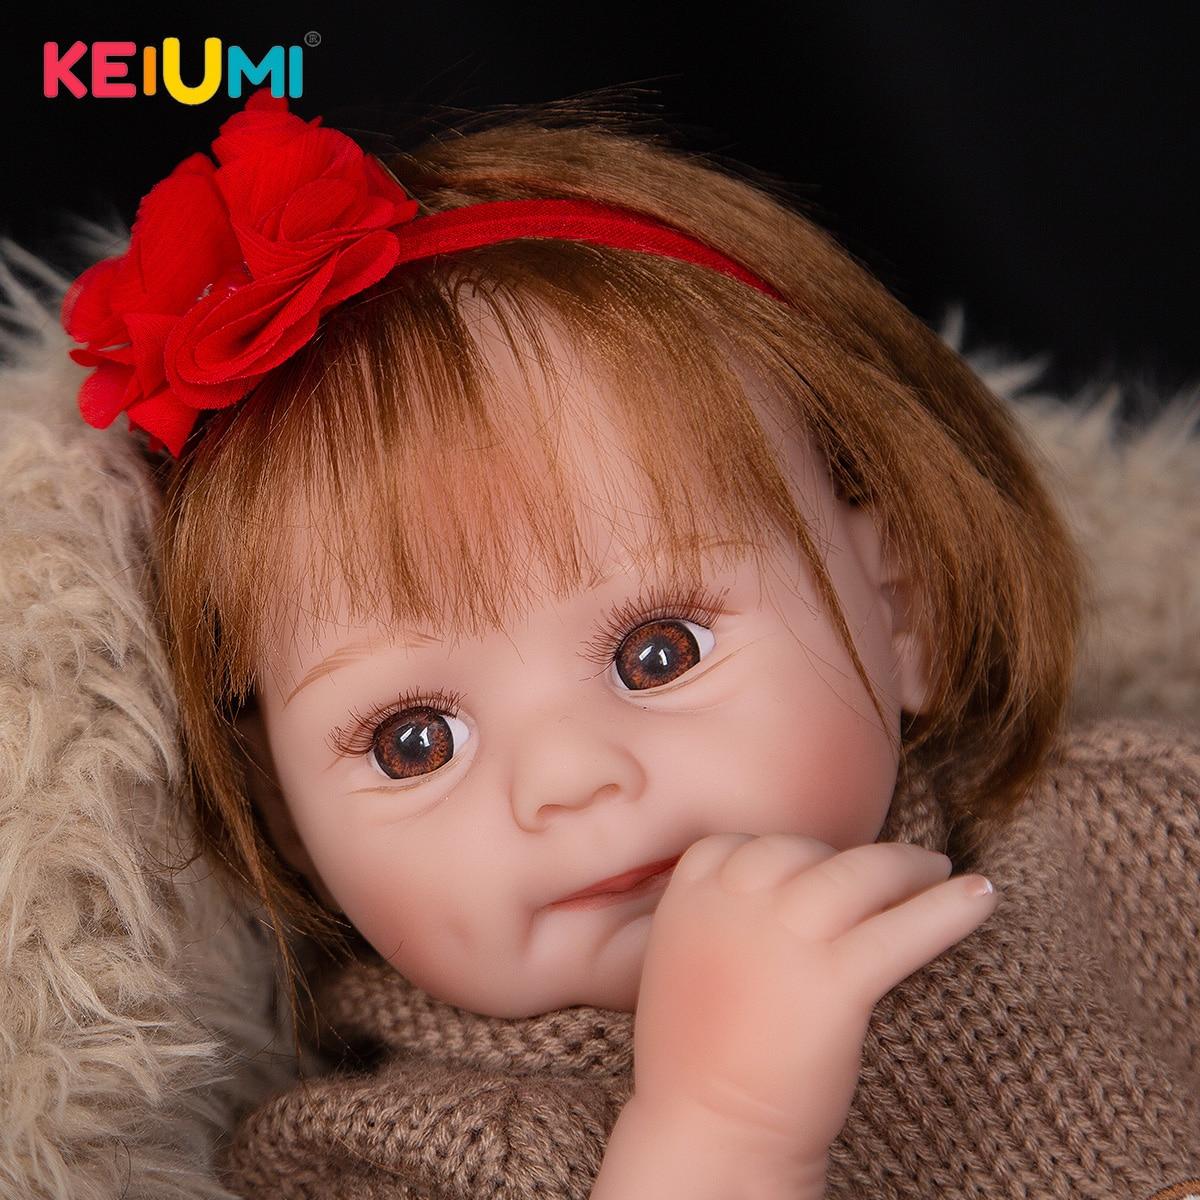 50 cm Super Nette Silikon Reborn Baby Puppen Verwurzelt Faser Haar Tuch Körper Puppe Mit Exquisite Anzug Für kinder tag Geschenke